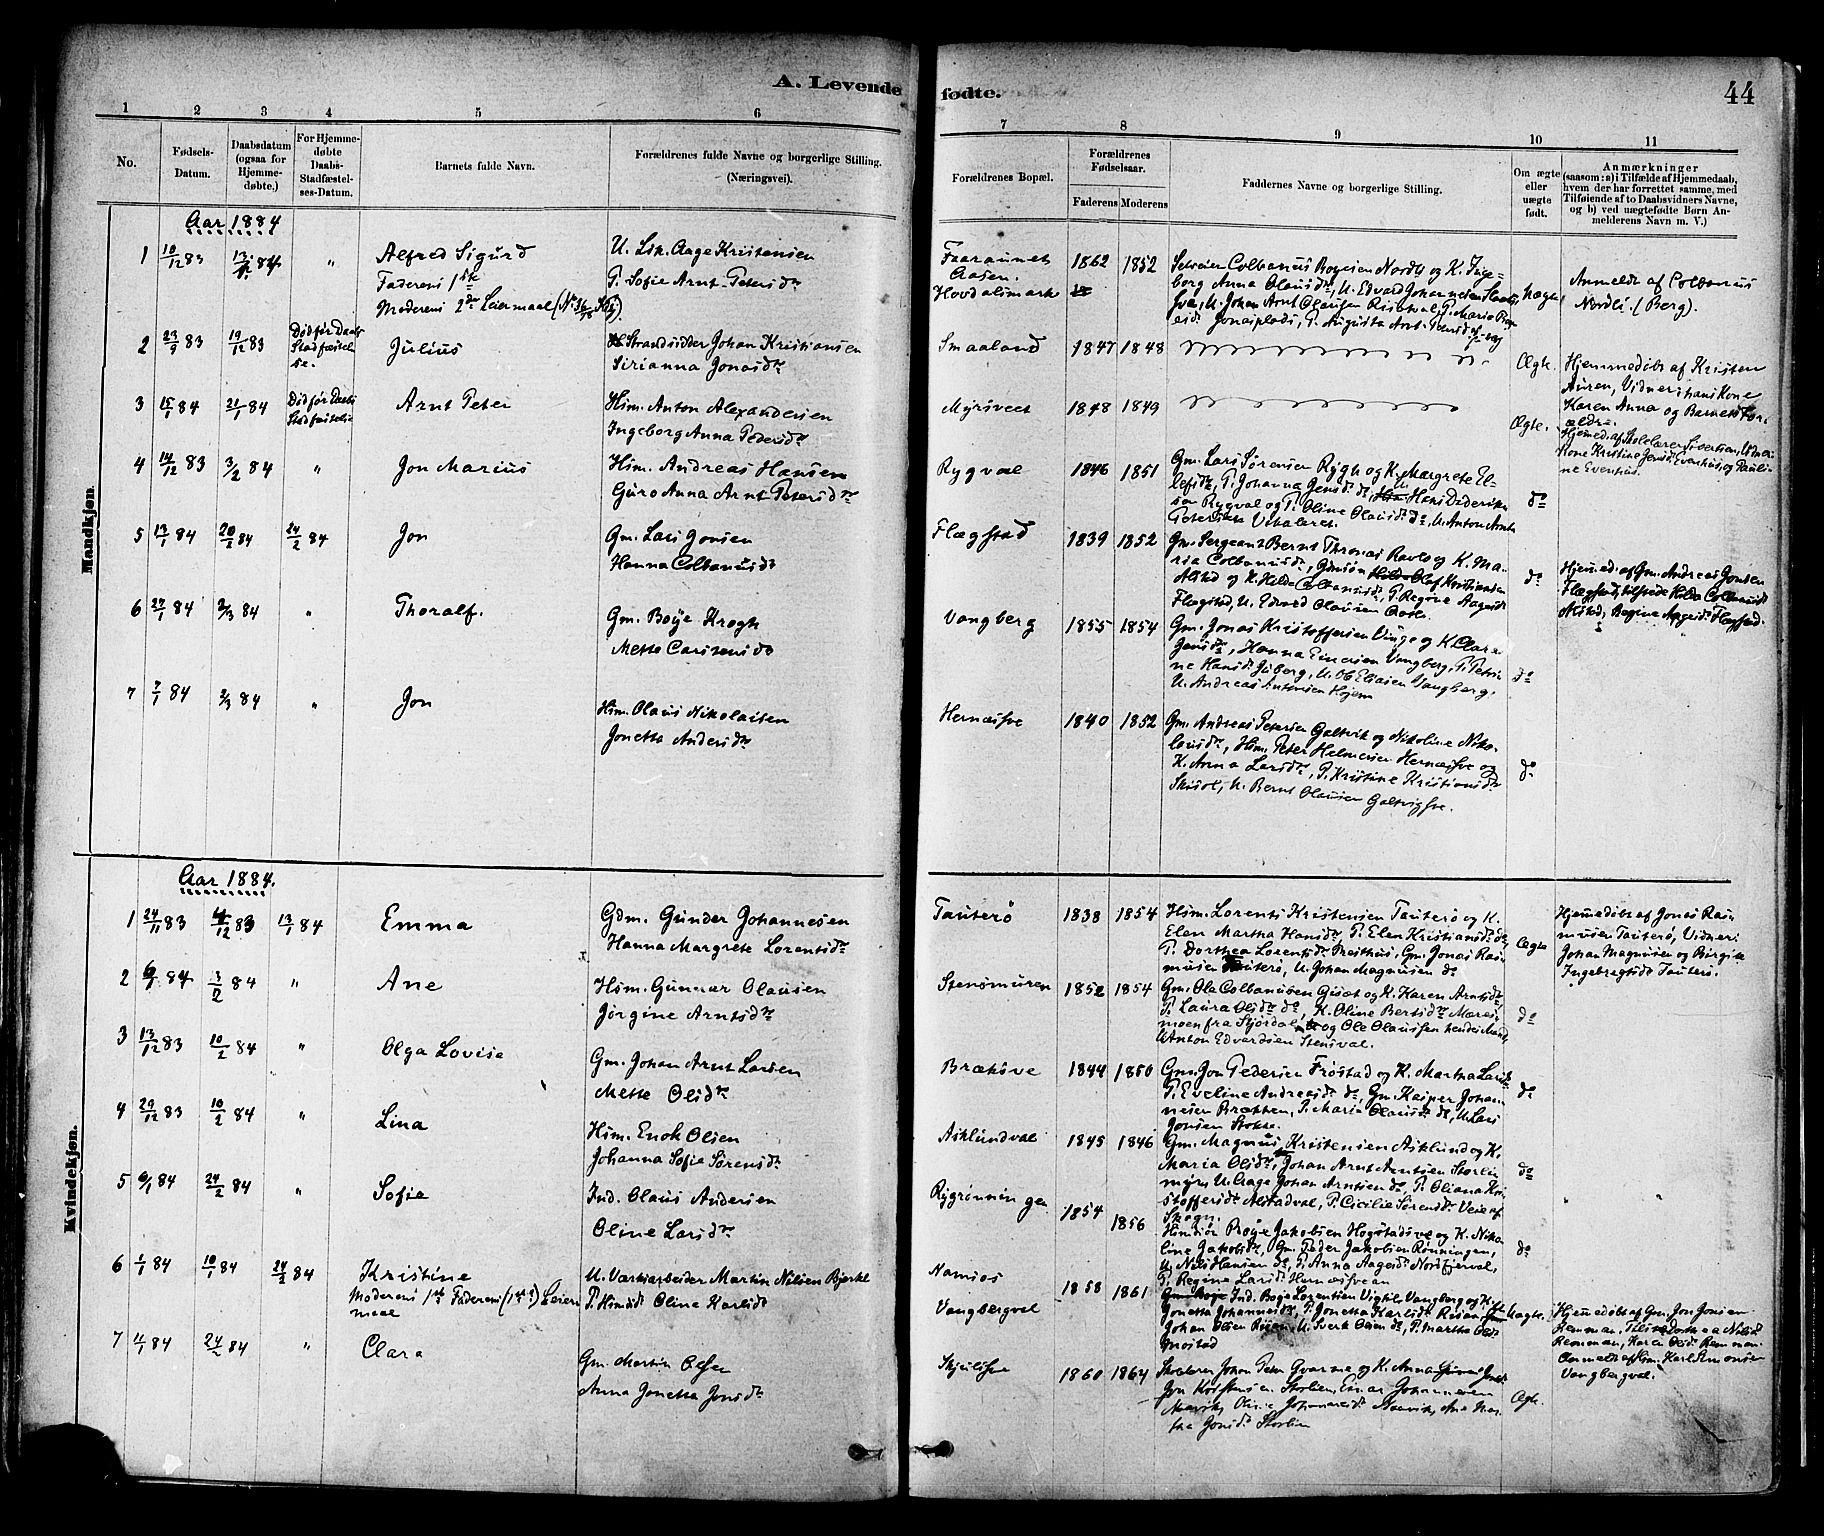 SAT, Ministerialprotokoller, klokkerbøker og fødselsregistre - Nord-Trøndelag, 713/L0120: Ministerialbok nr. 713A09, 1878-1887, s. 44